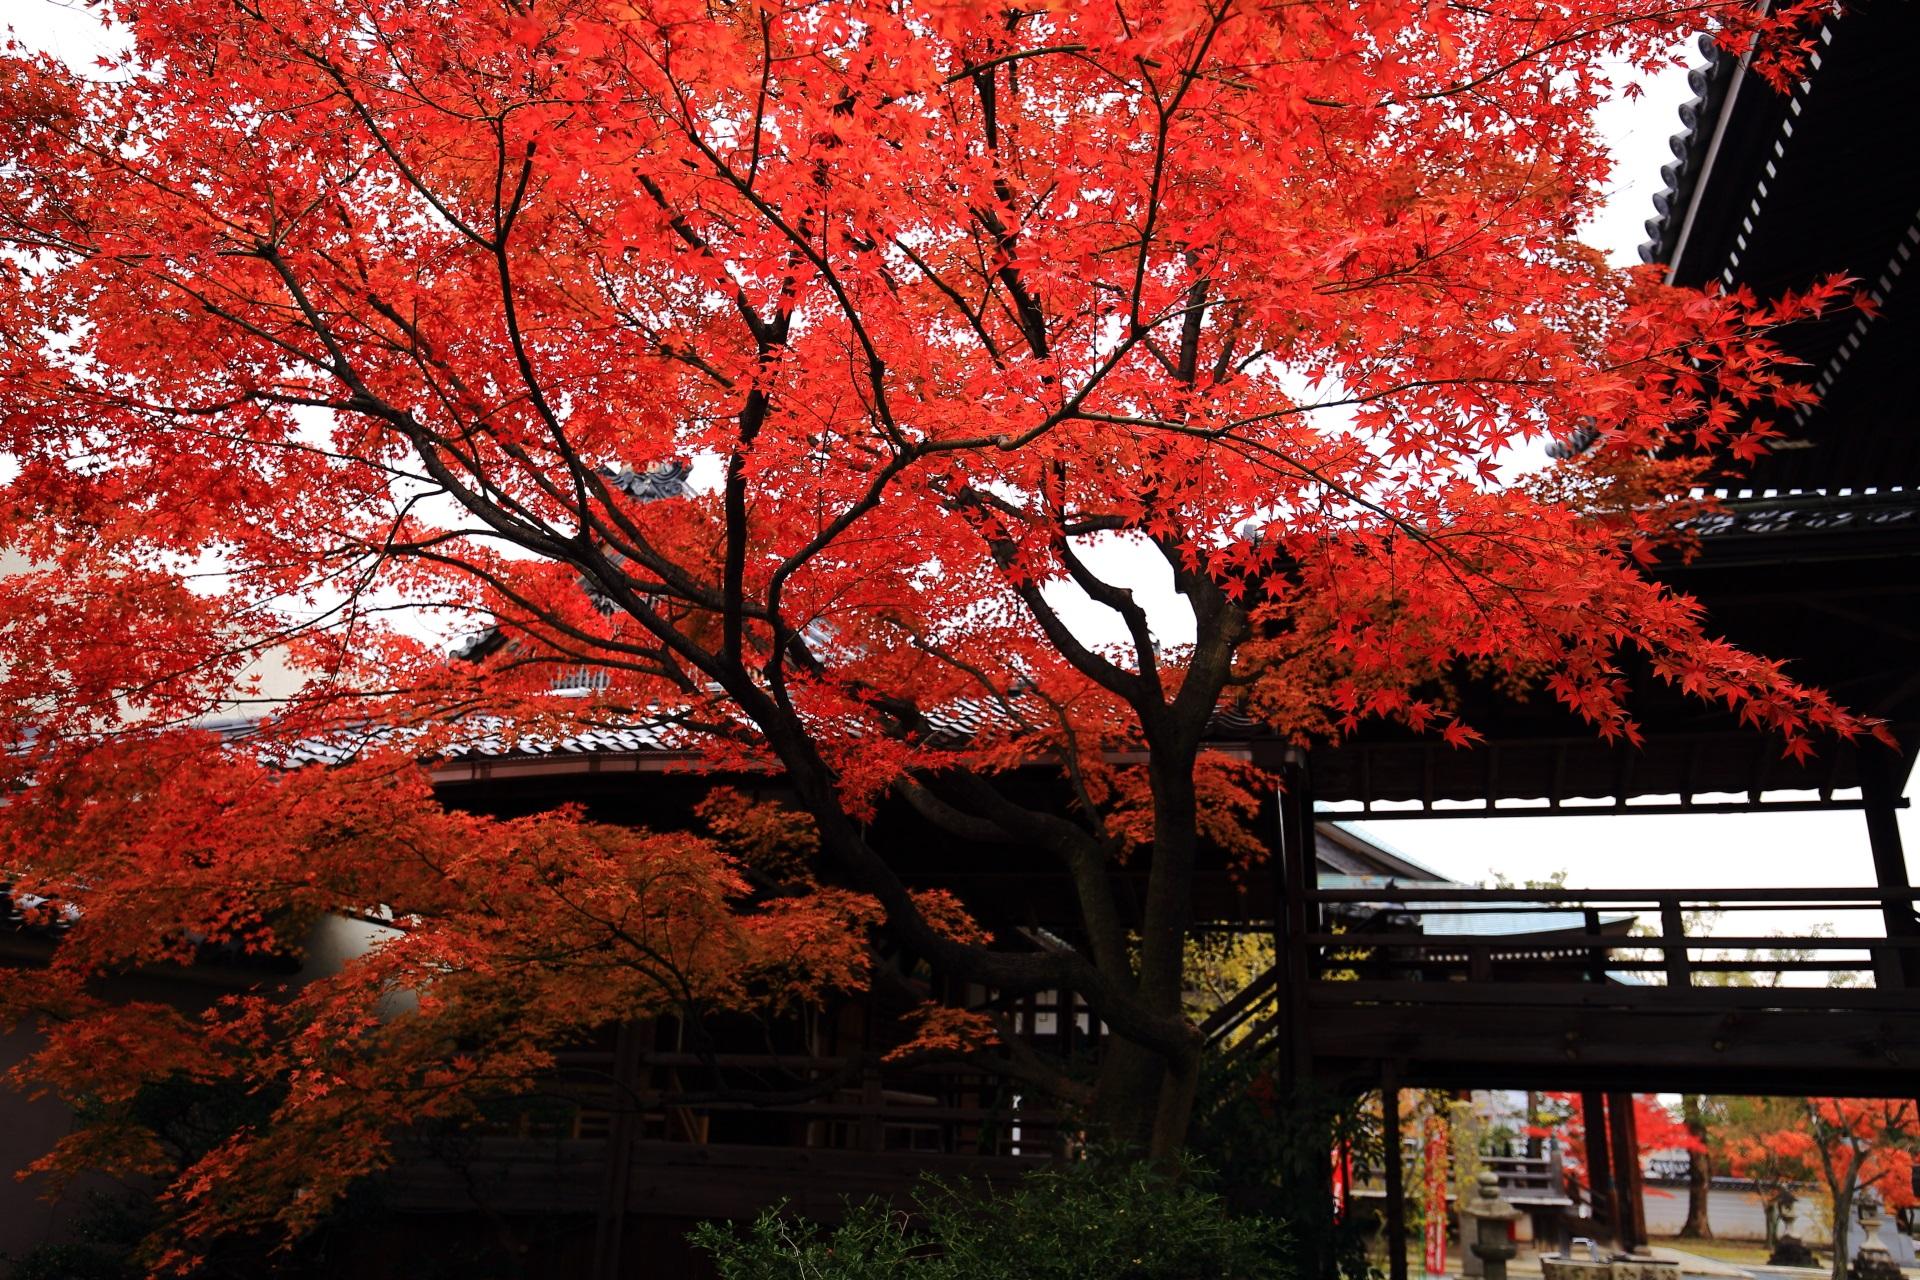 妙顕寺の静かな龍神廟を彩る真っ赤な紅葉